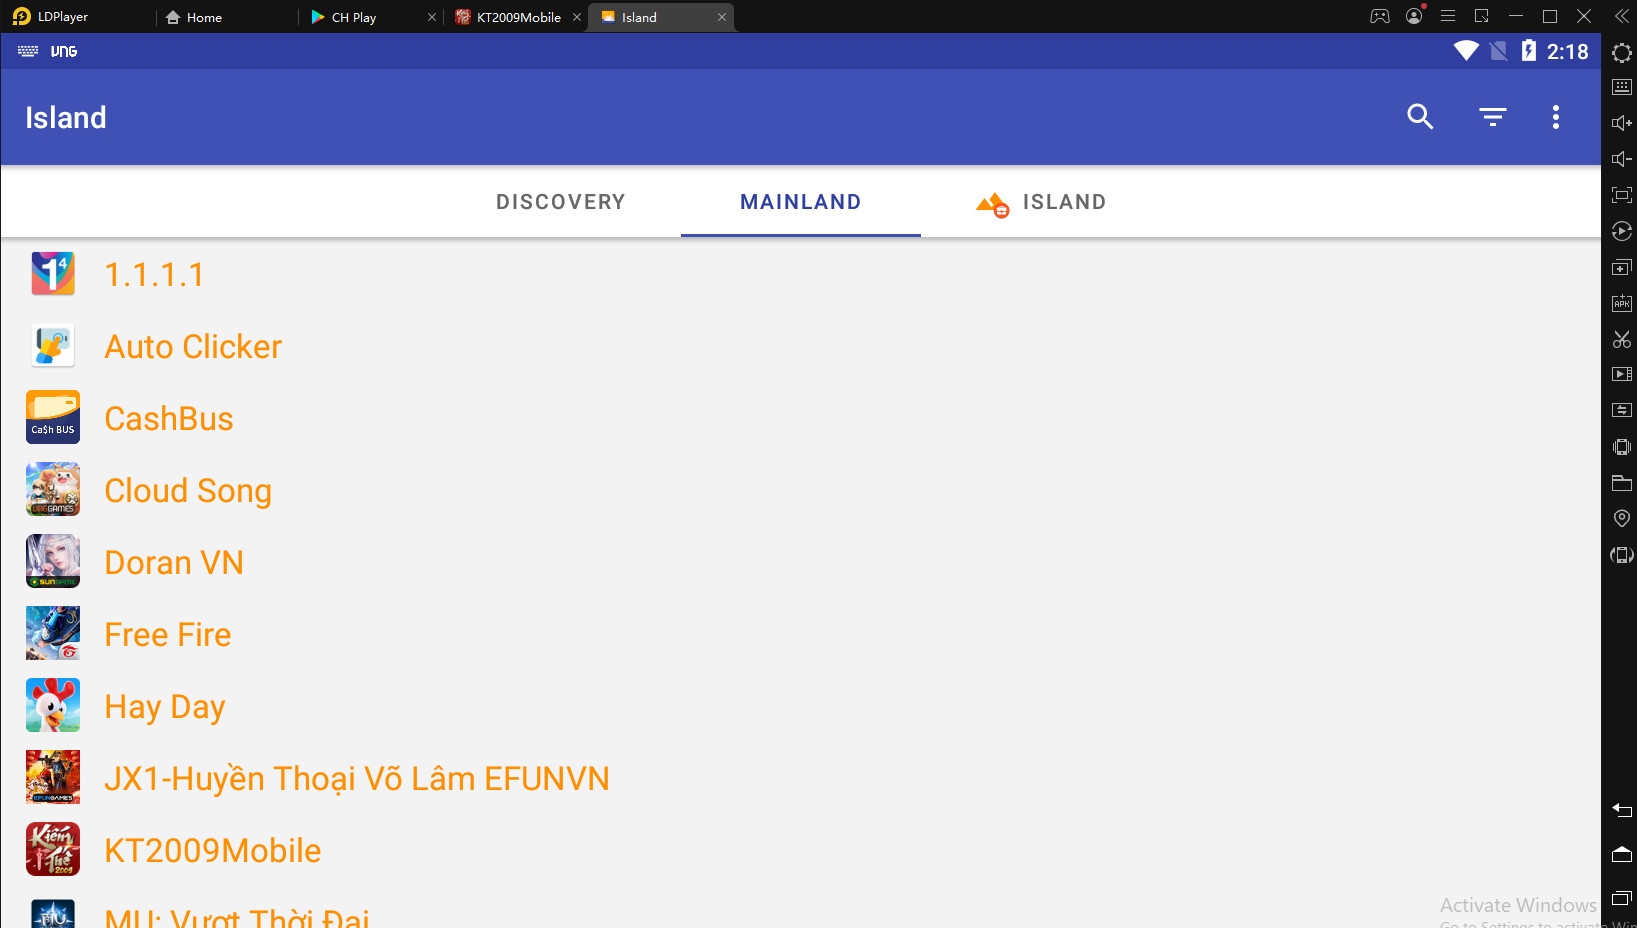 LDPlayer đã khắc phục lỗi không tương thích app Island